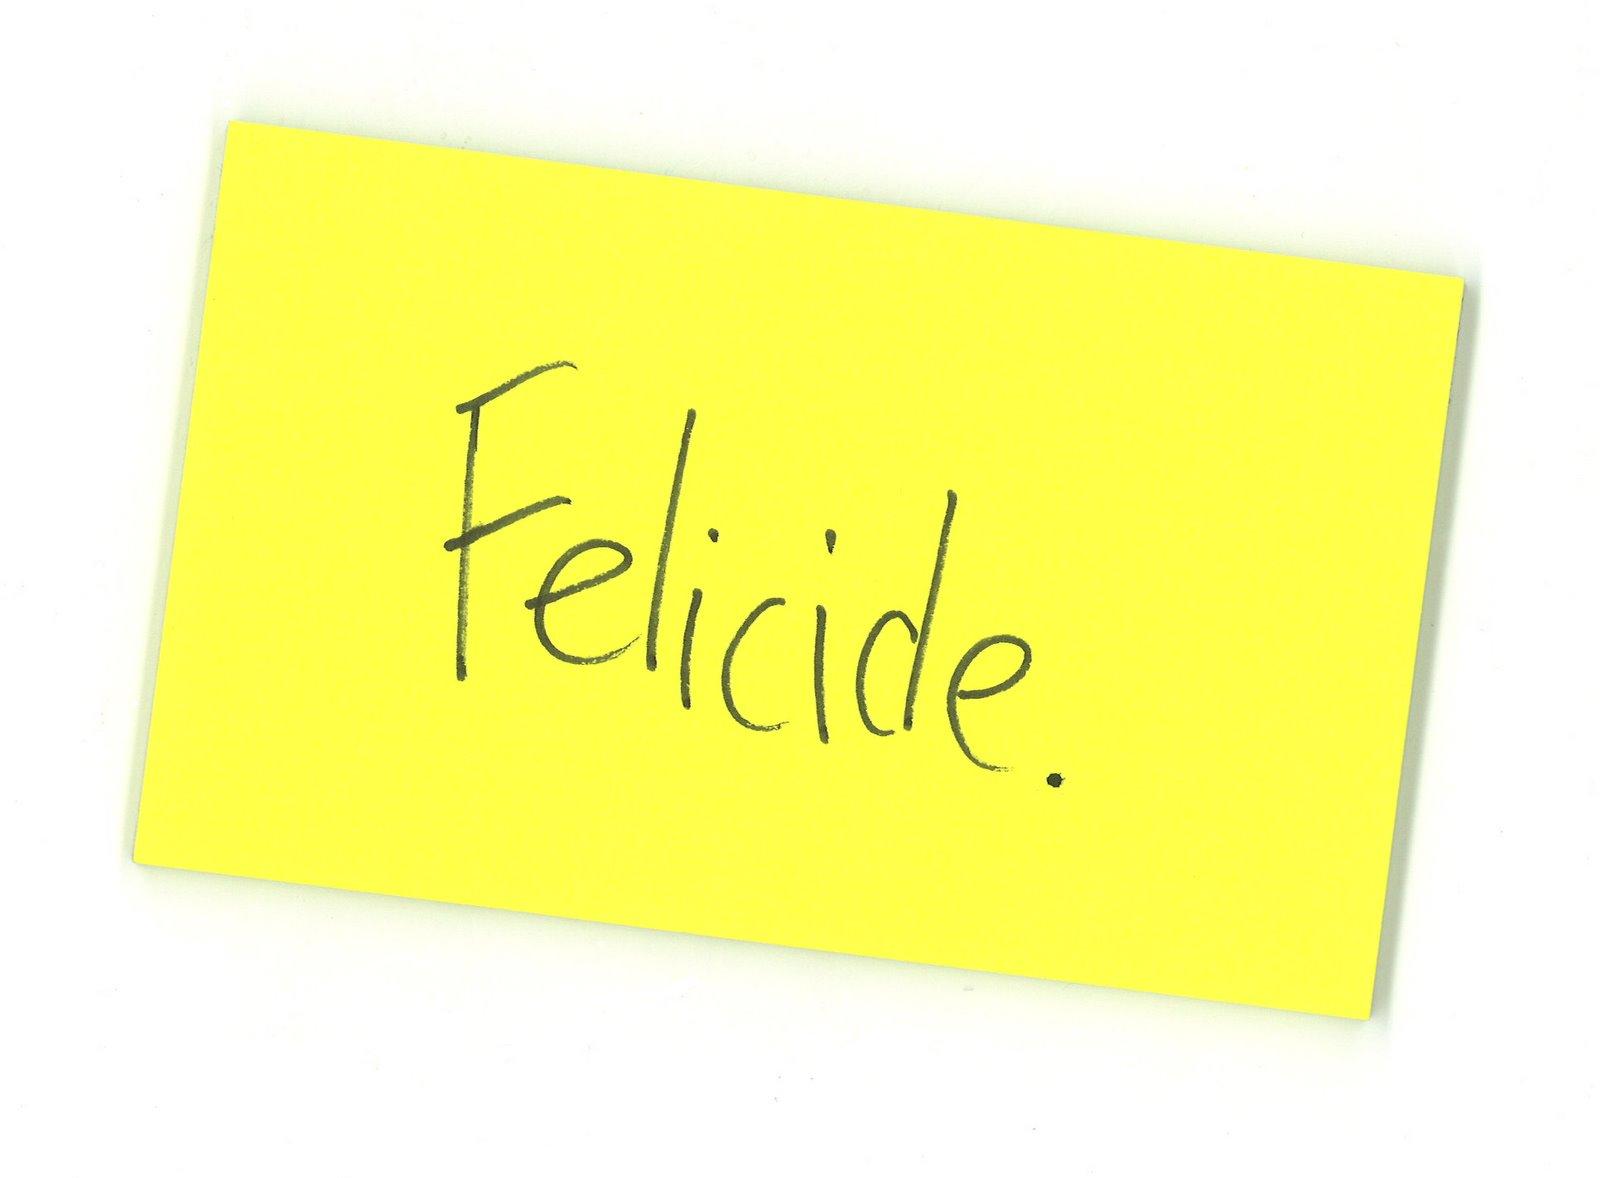 Felicide